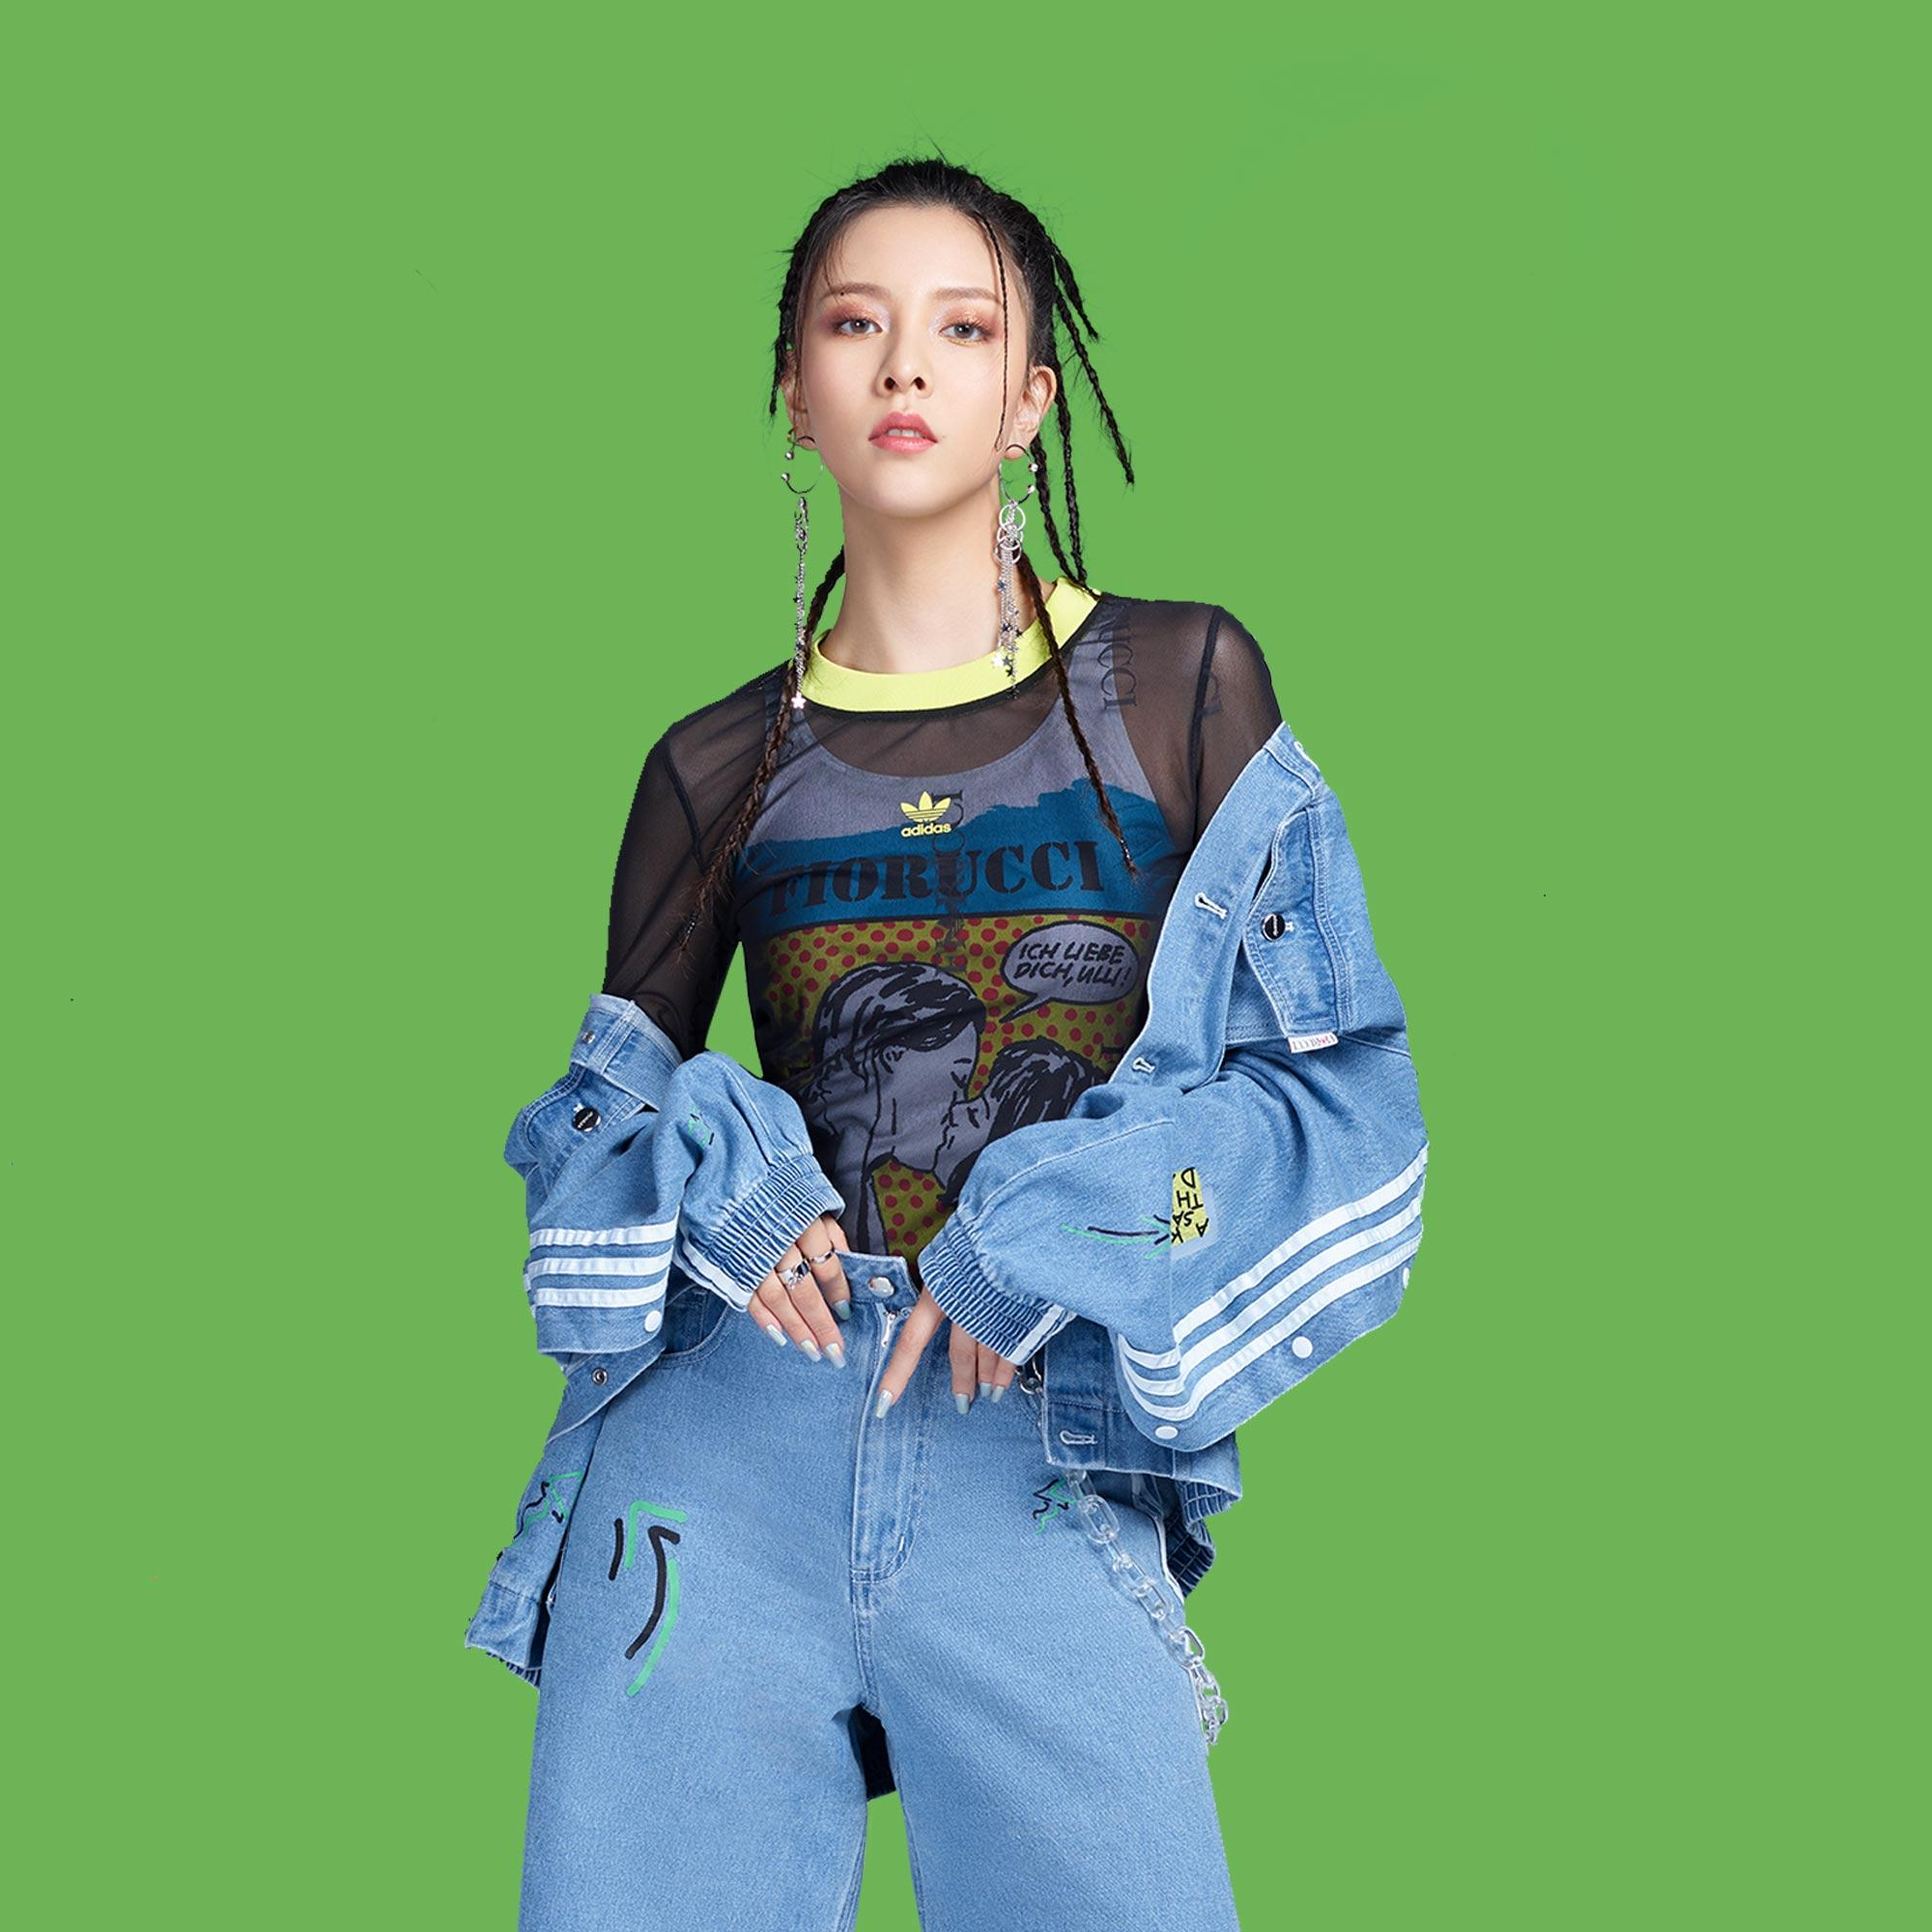 結合 Fiorucci 甜美風格和 adidas 經典元素的丹寧外套